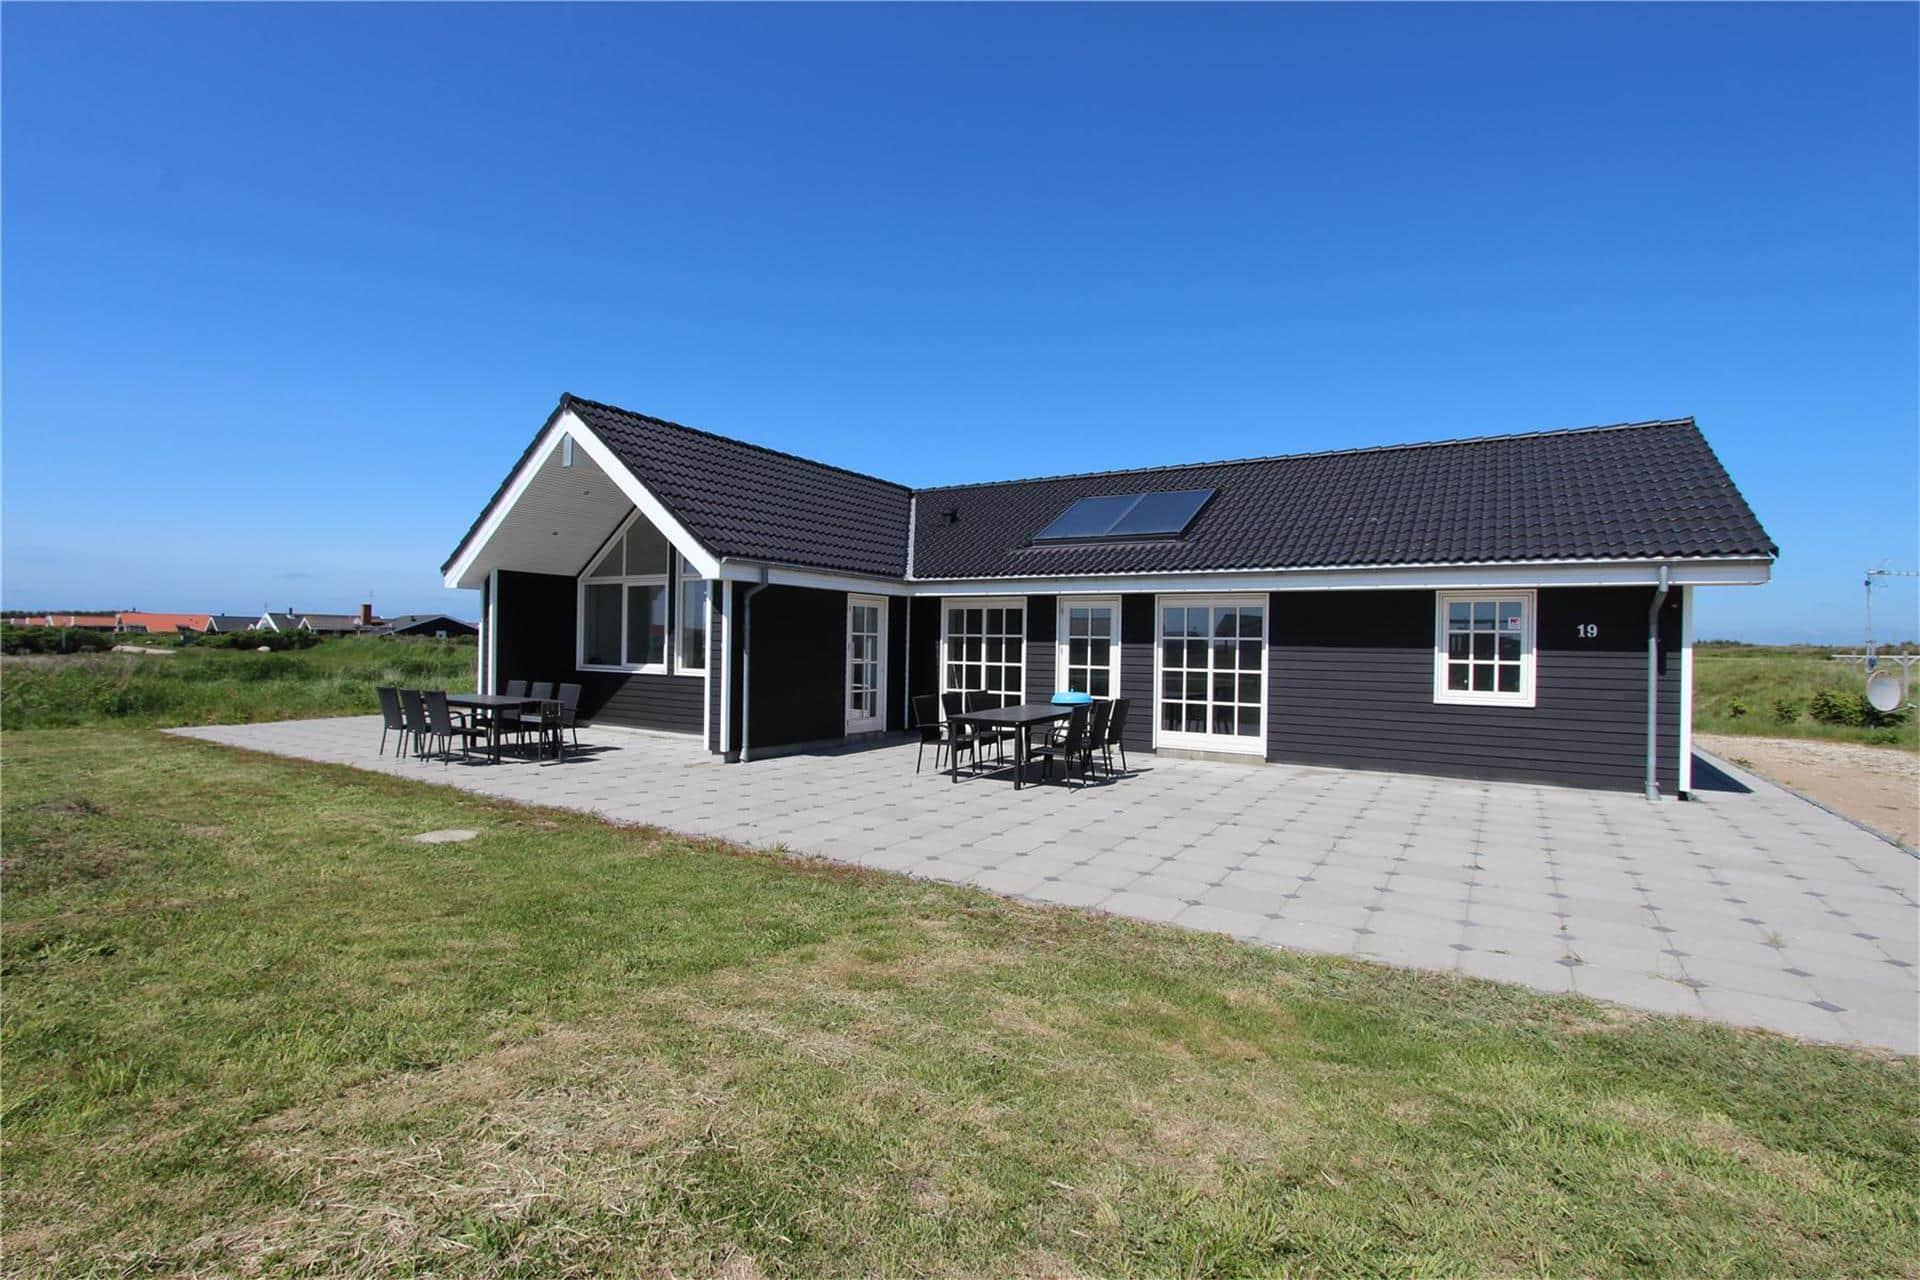 Billede 1-20 Sommerhus 141, Neerlandiavej 19, DK - 7673 Harboøre